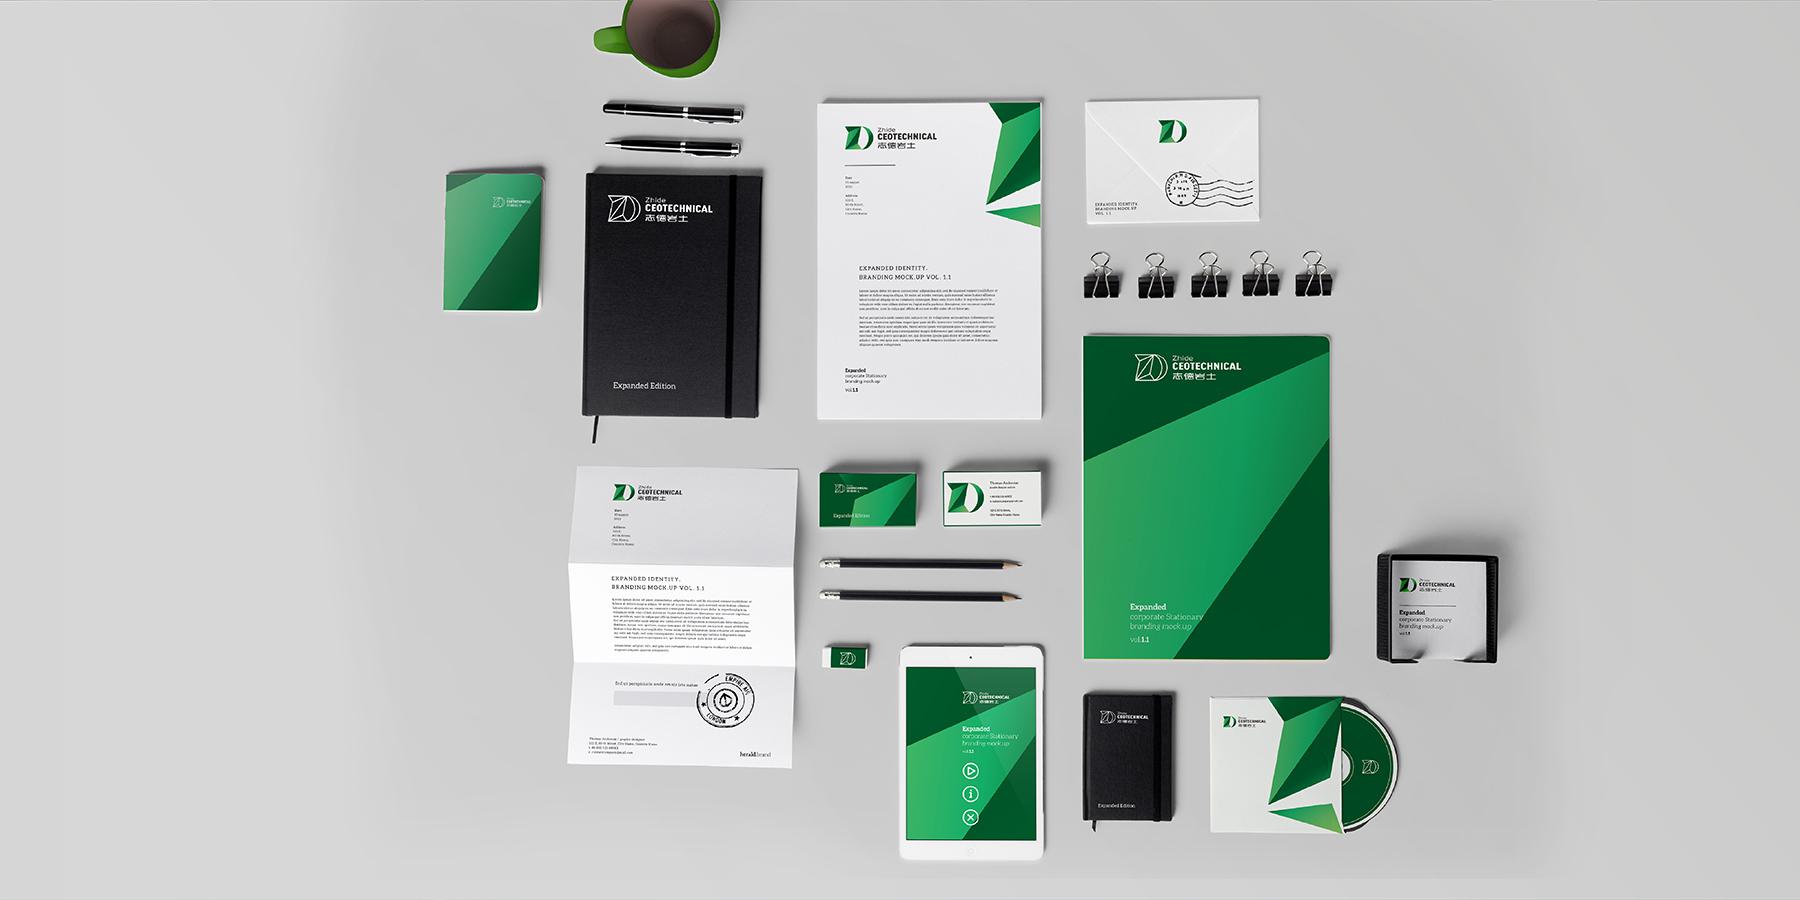 志德岩土-logo设计-VI设计-品牌设计